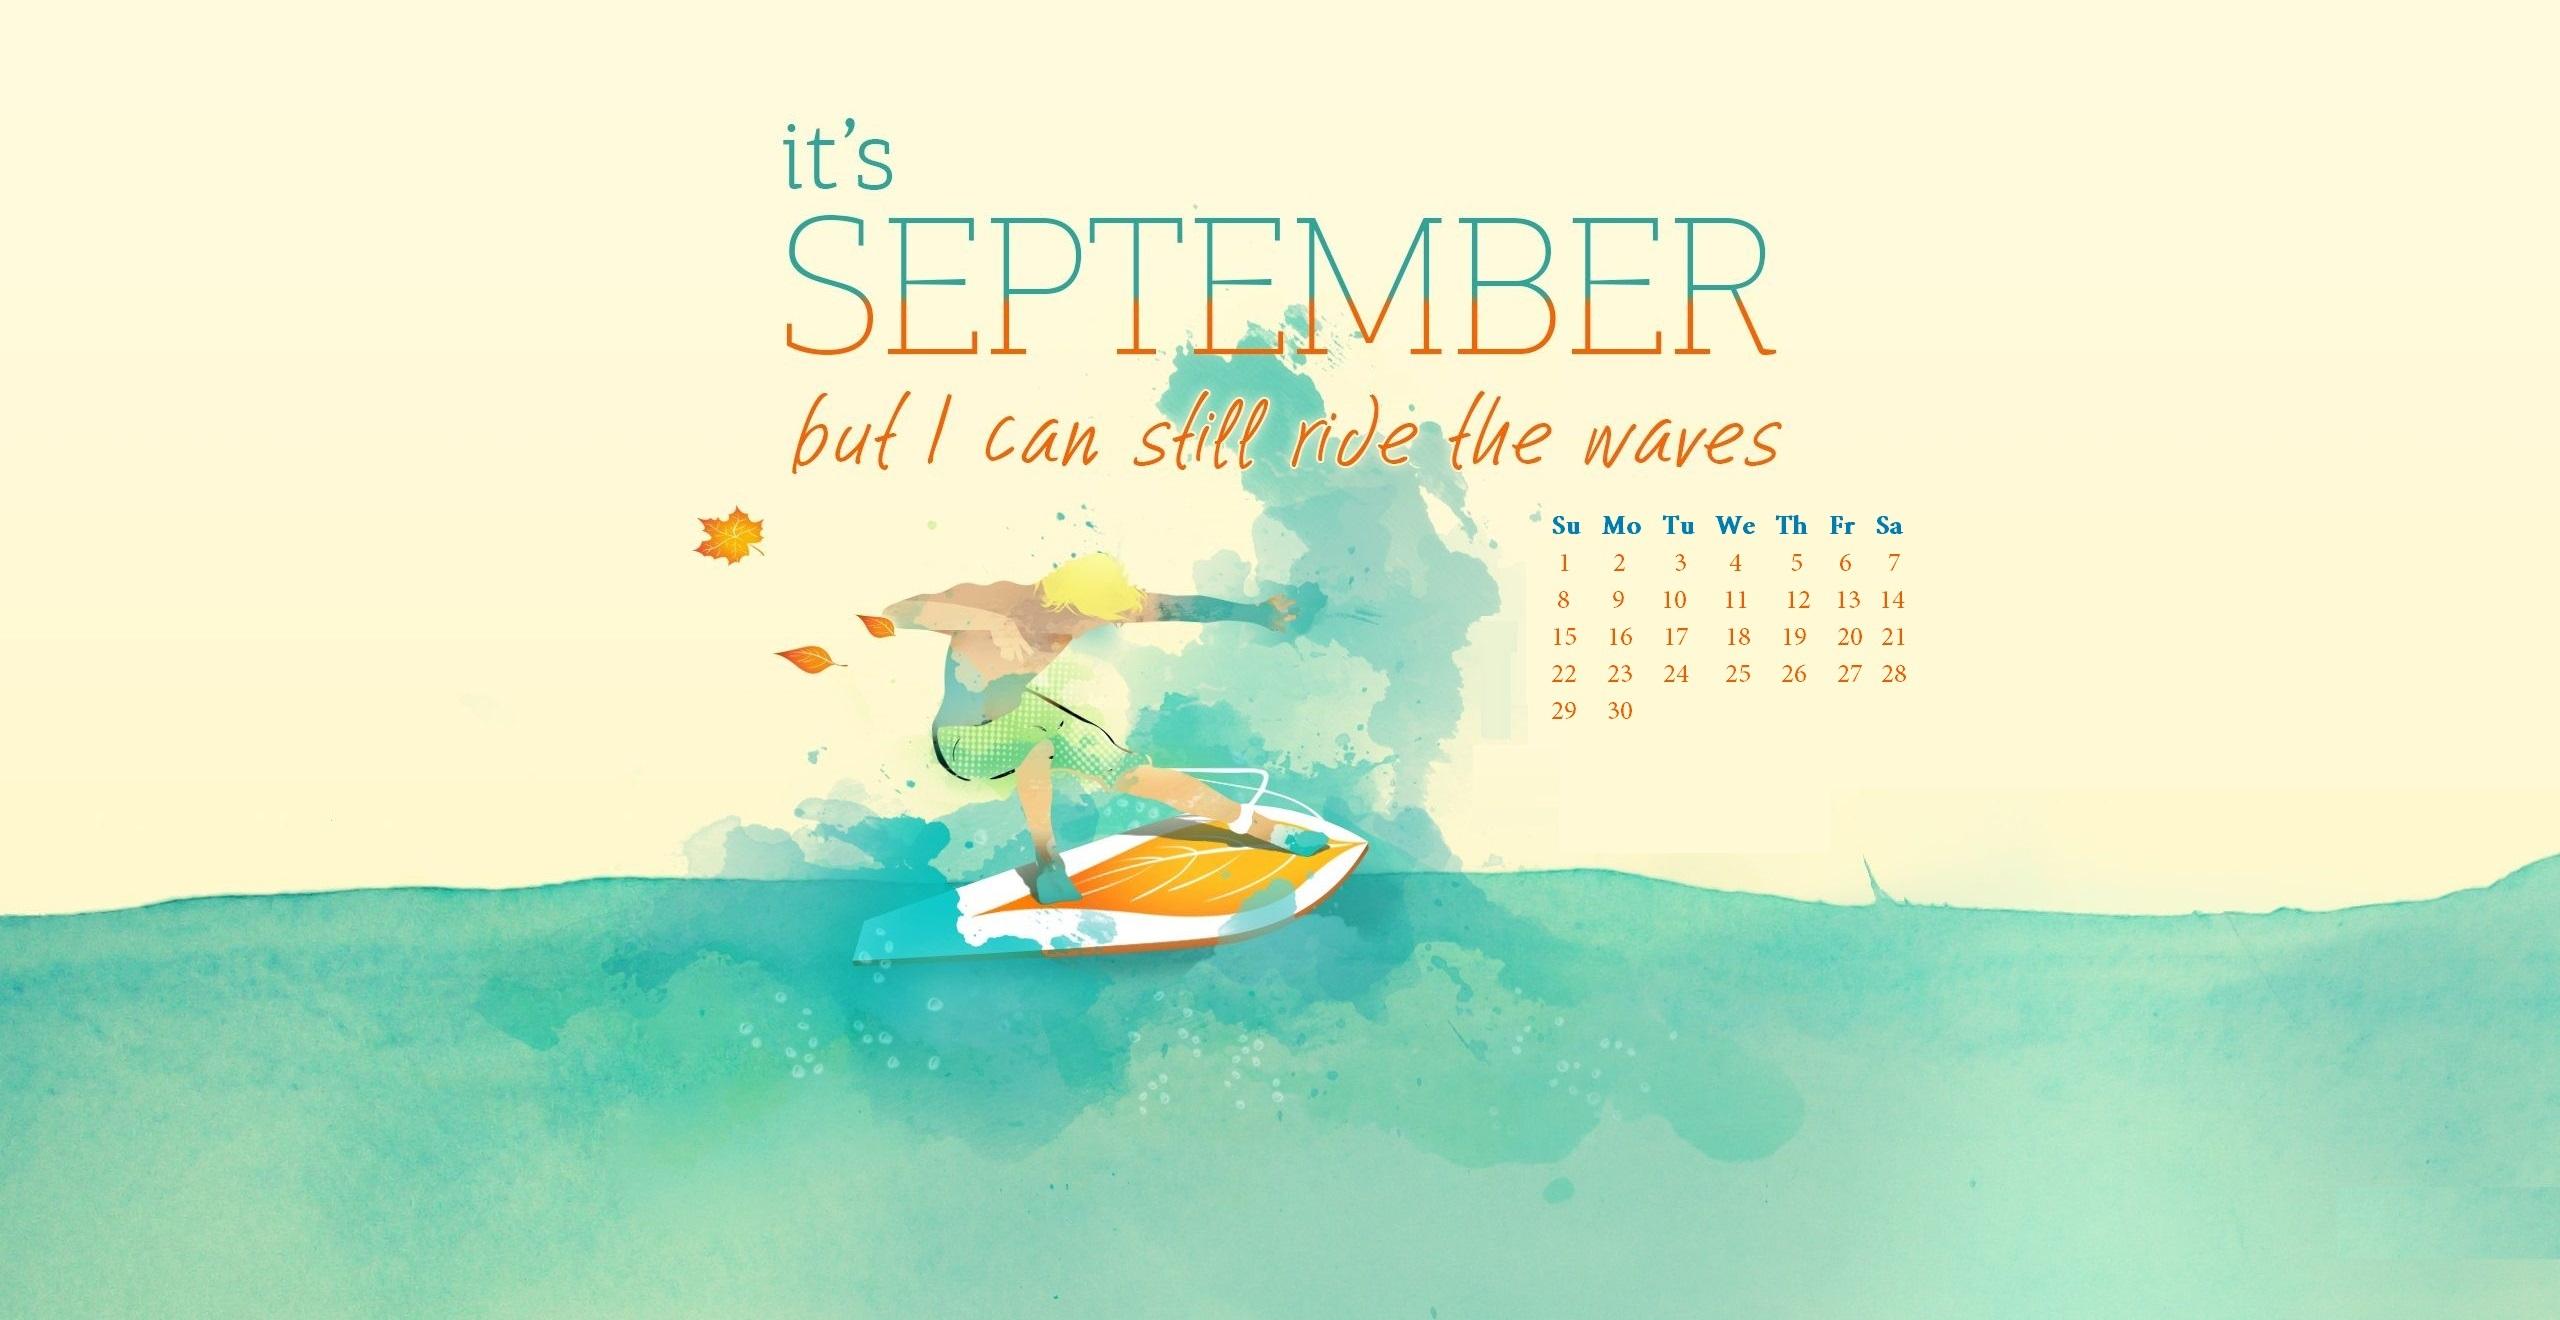 September 2019 Desktop Wallpaper Max Calendars 2560x1320